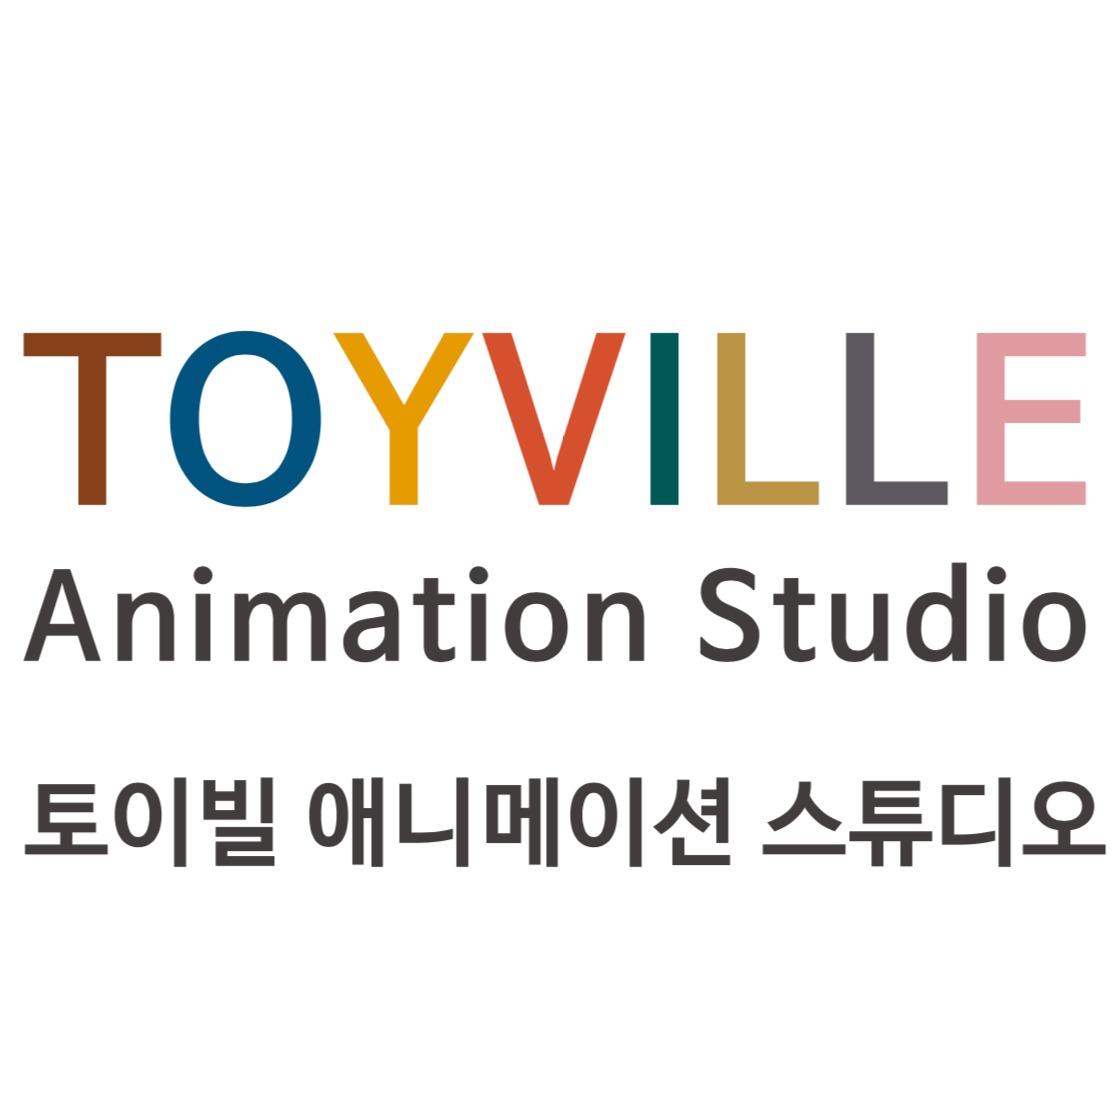 toyville logo